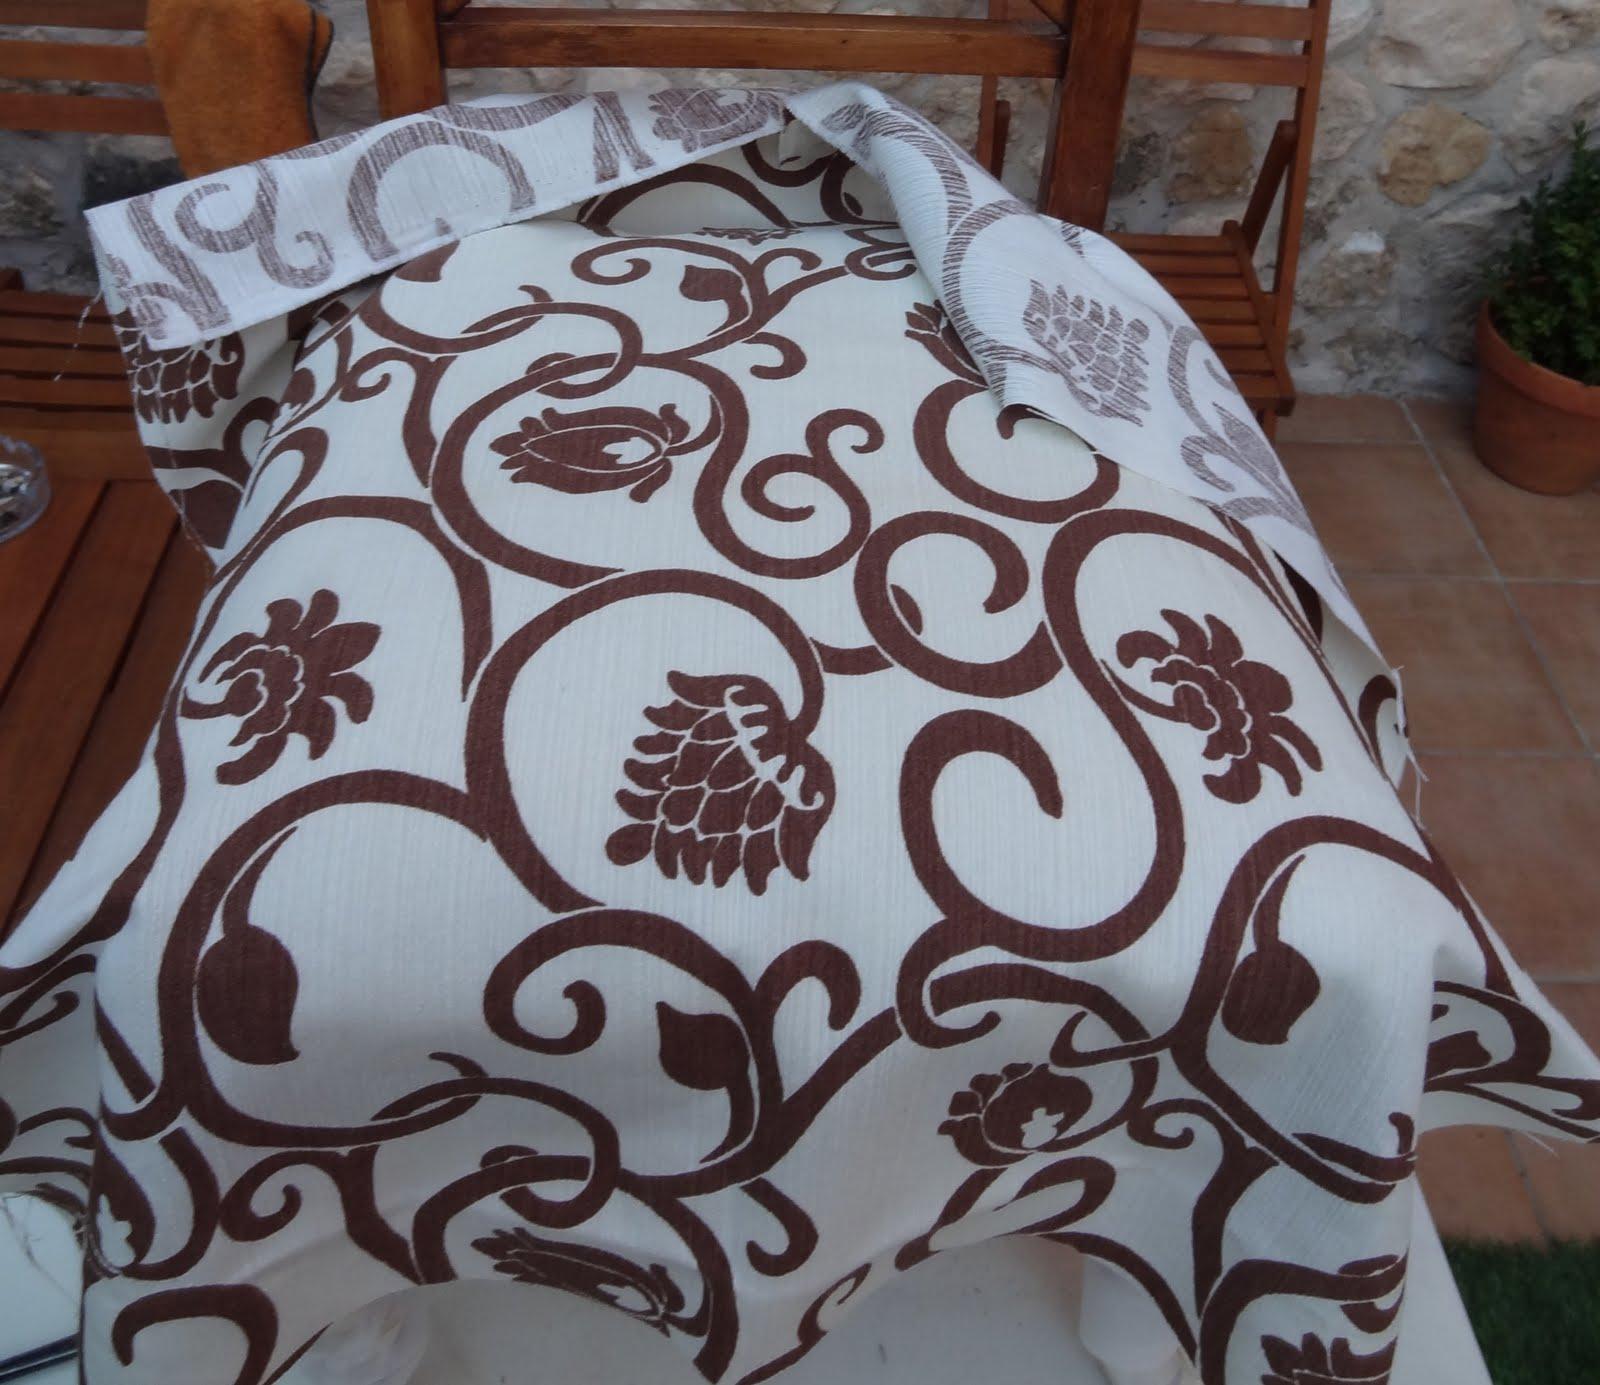 Tallerblog de restauraci n de muebles antiguos curso de - Clavos para tapizar ...